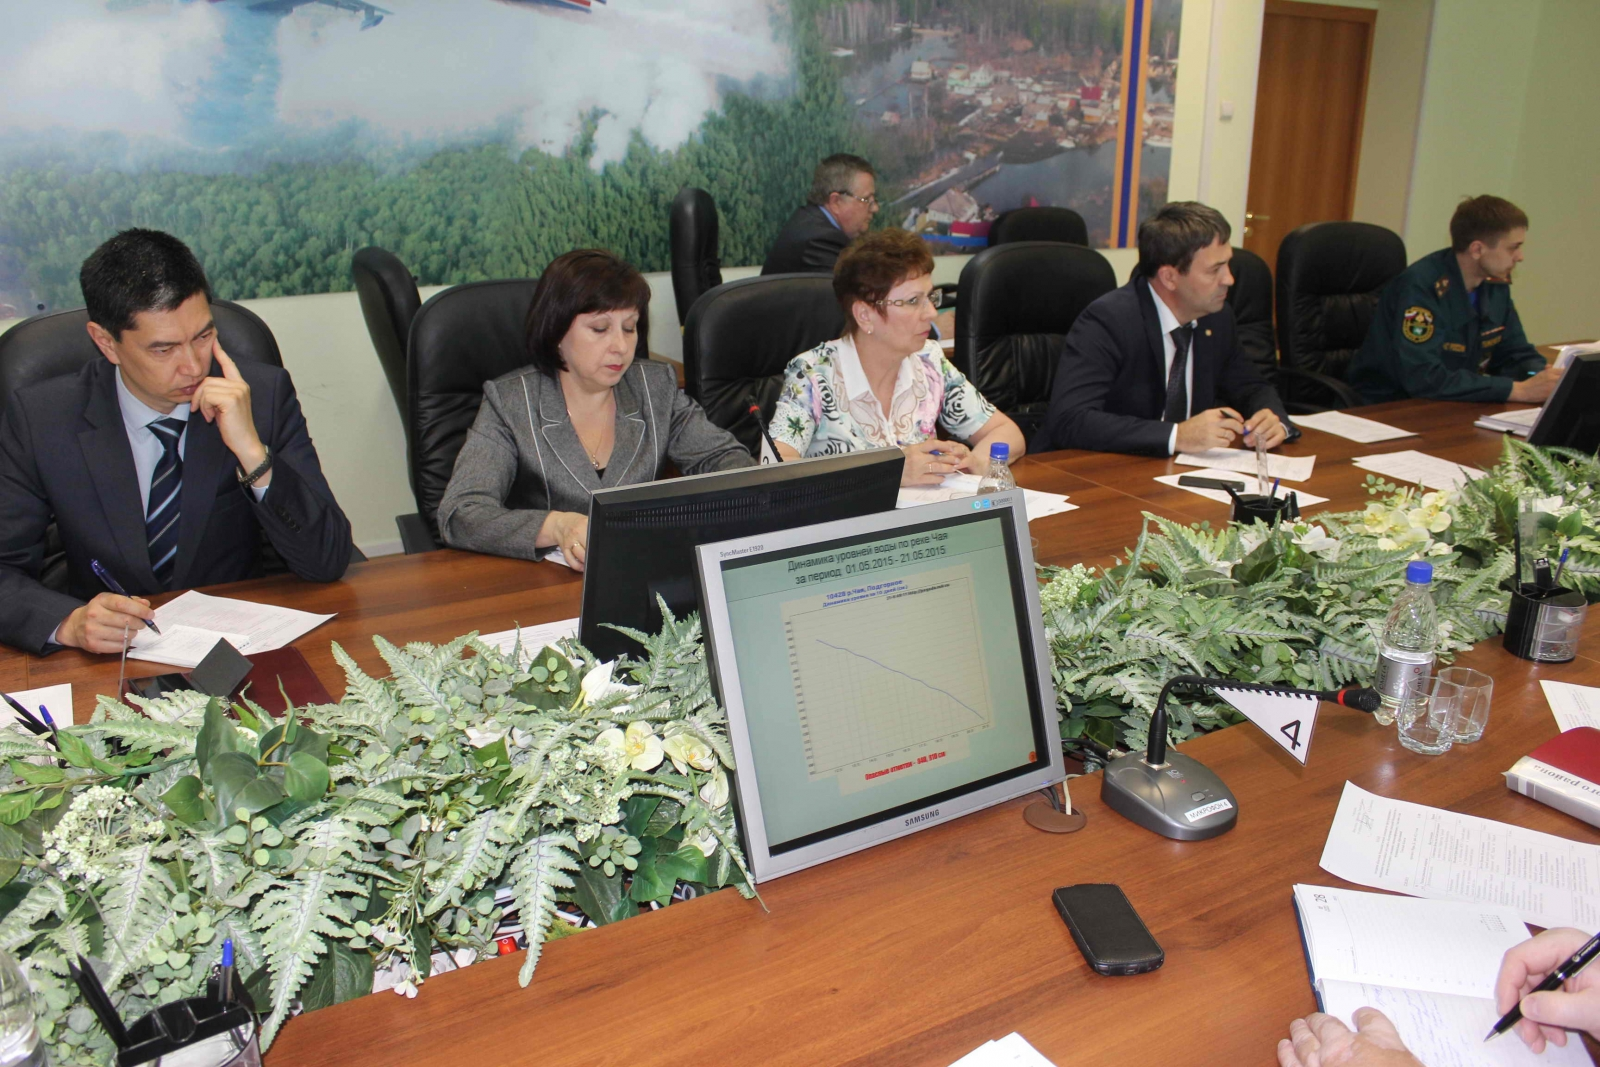 Заседание областной межведомственной комиссии по предупреждению и ликвидации чрезвычайных ситуаций и обеспечению пожарной безопасности по паводковой обстановке, 22 мая 2015 года